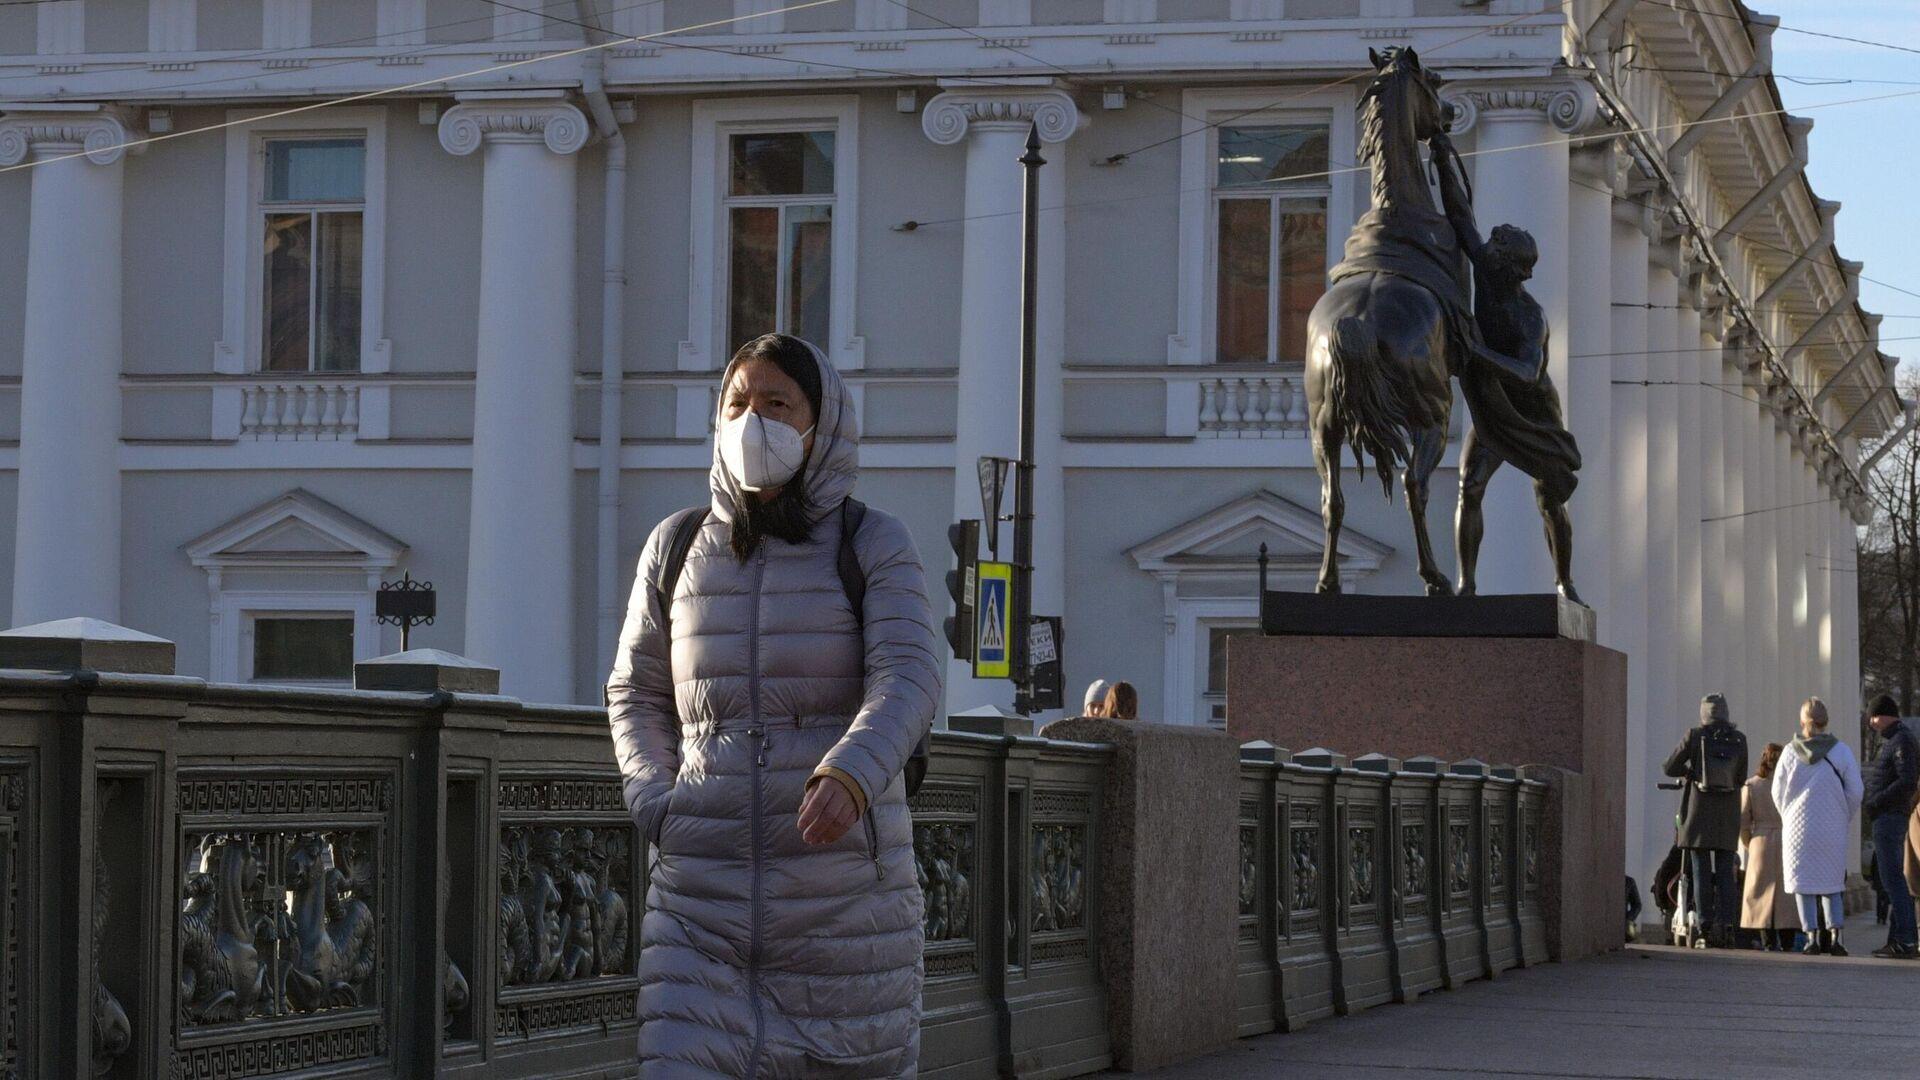 Девушка в маске на Невском проспекте в Санкт-Петербурге - РИА Новости, 1920, 07.12.2020